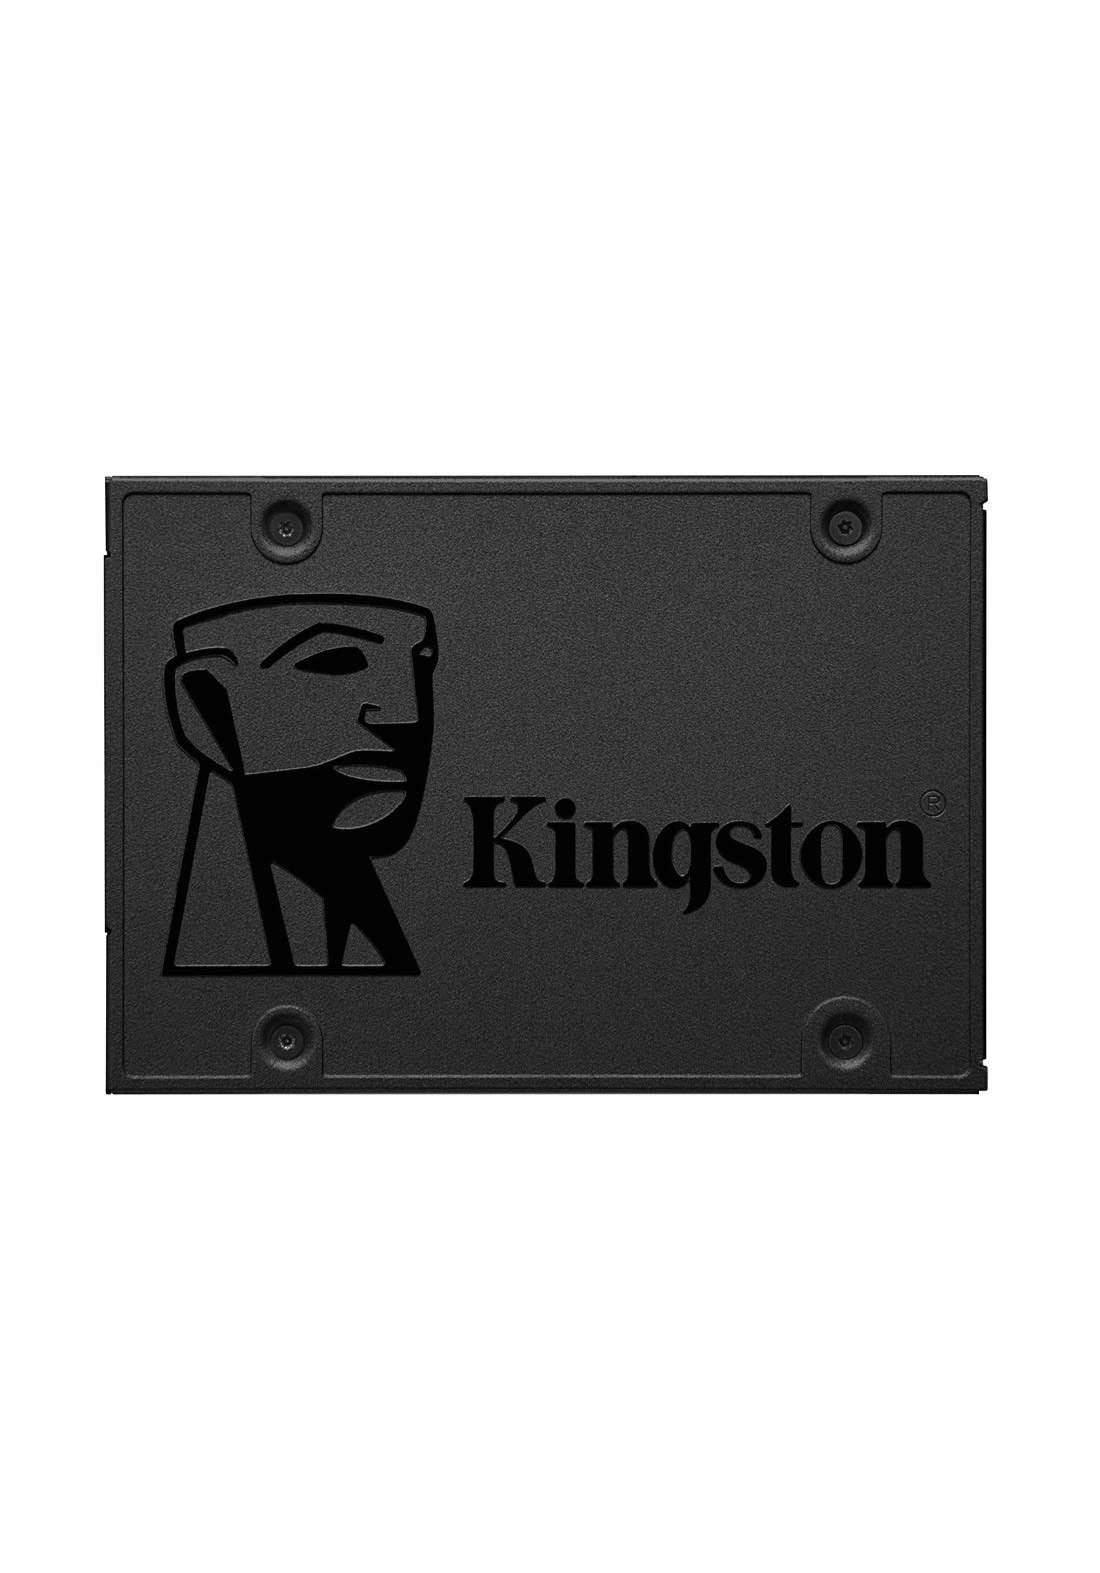 """Kingston A400 480 2.5"""" SATA-III SSD Internal Solid State Drive - Black"""